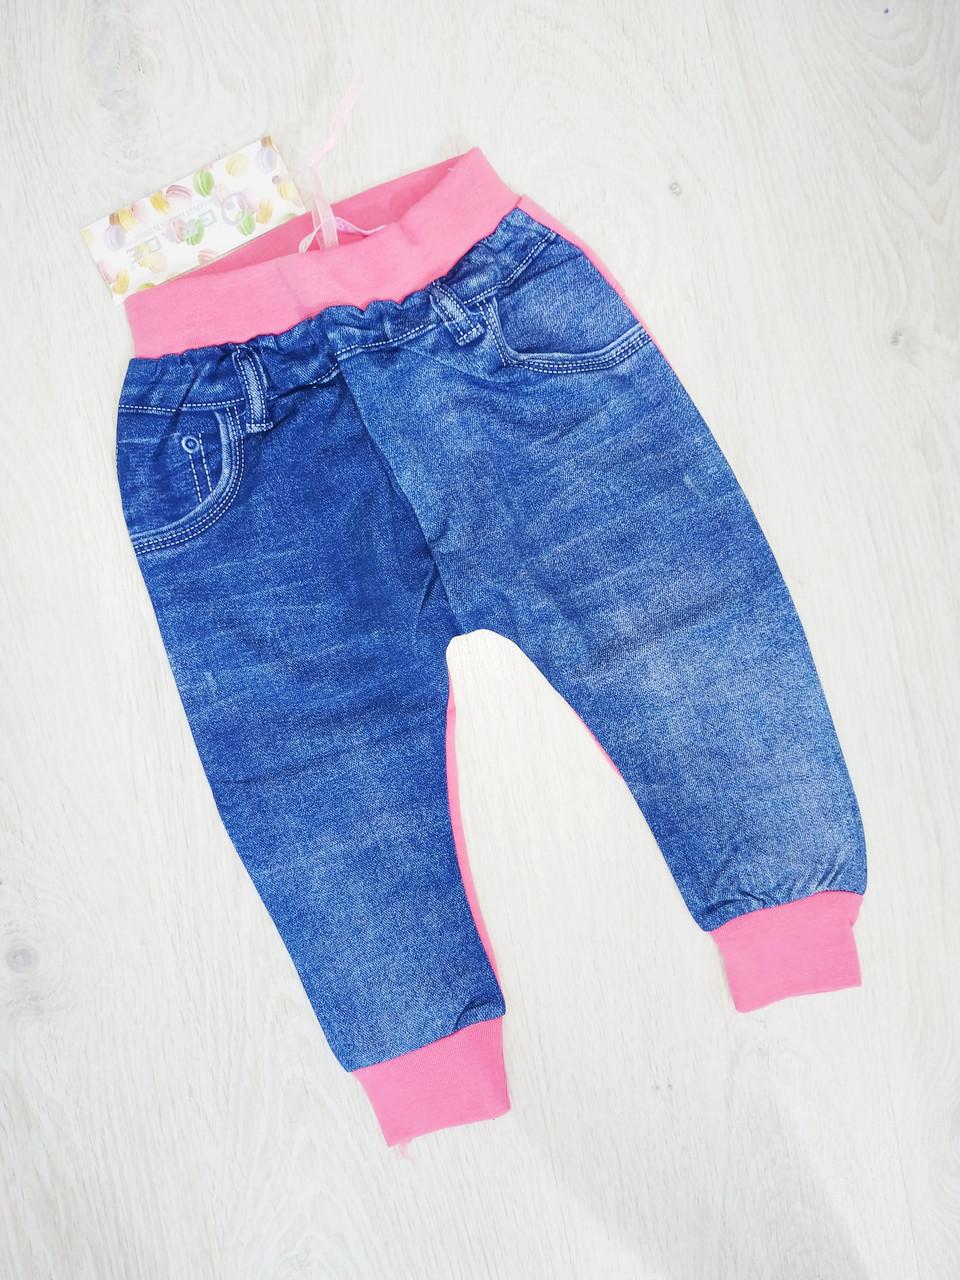 Спортивные брюки для девочки, Венгрия, Grace, арт. 50086, 86-104 см